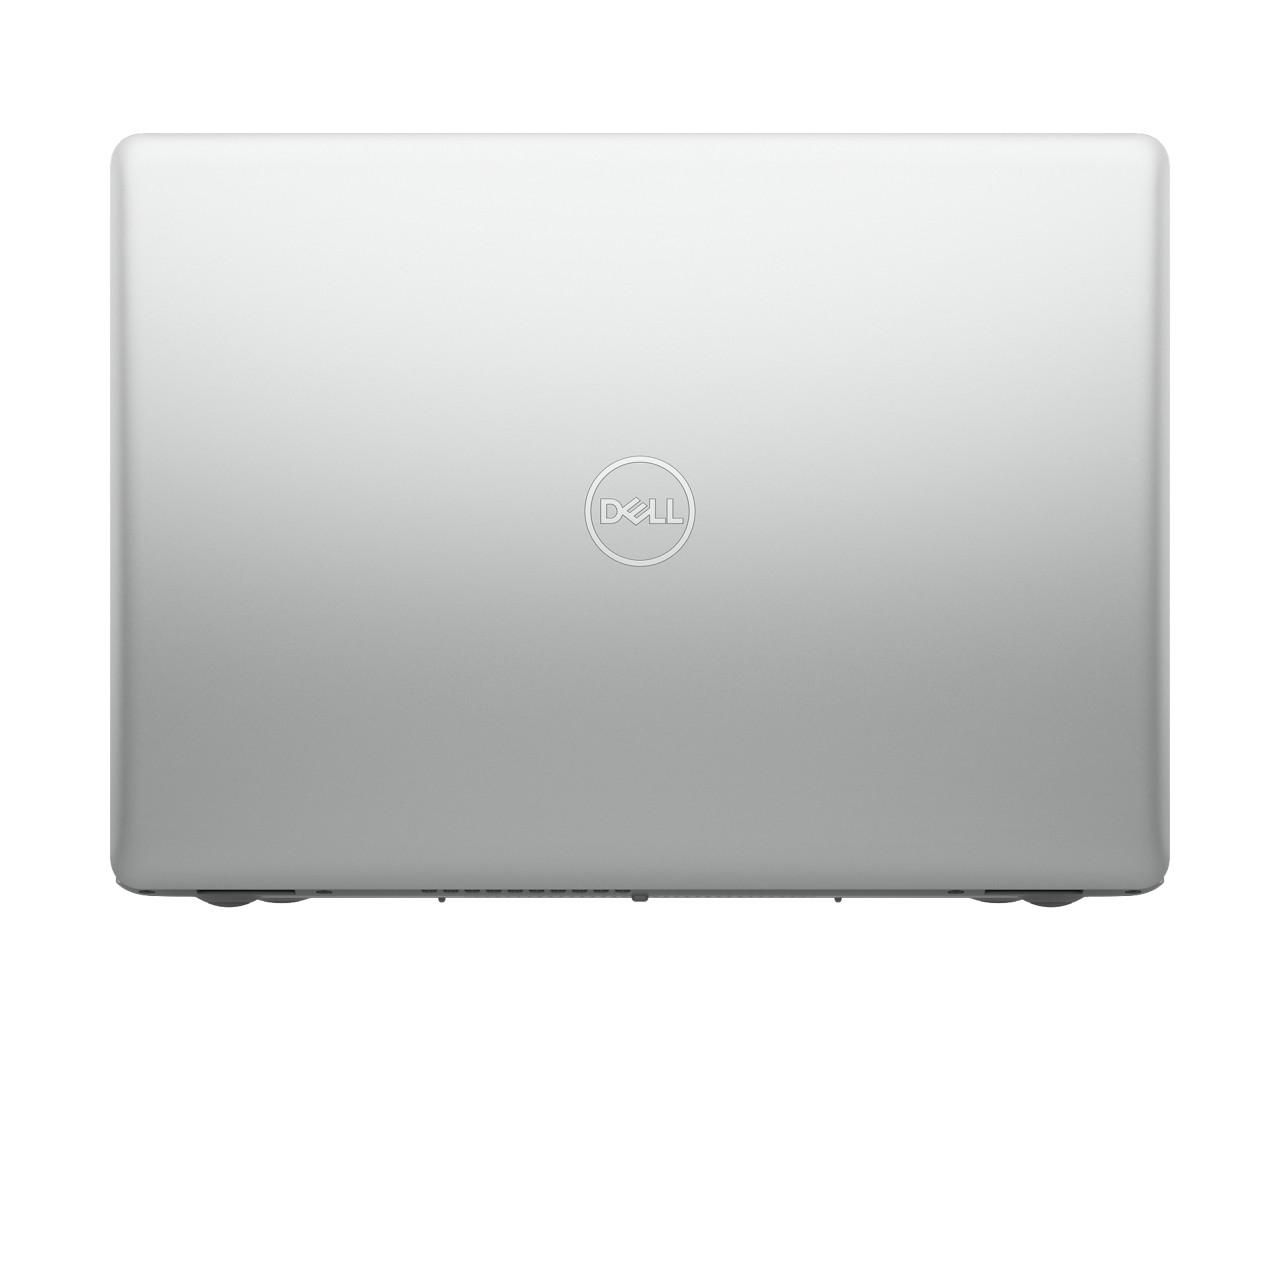 Laptop Dell Inspiron 3481,IntelCore i3-7020U (2.30 GHz,3 MB),4GB RAM,1TB HDD,2GB AMD Radeon,14 HD,WL+BT,McAfee MDS,Win 10 Home,Silver,1Yr) - Hàng Chính Hãng